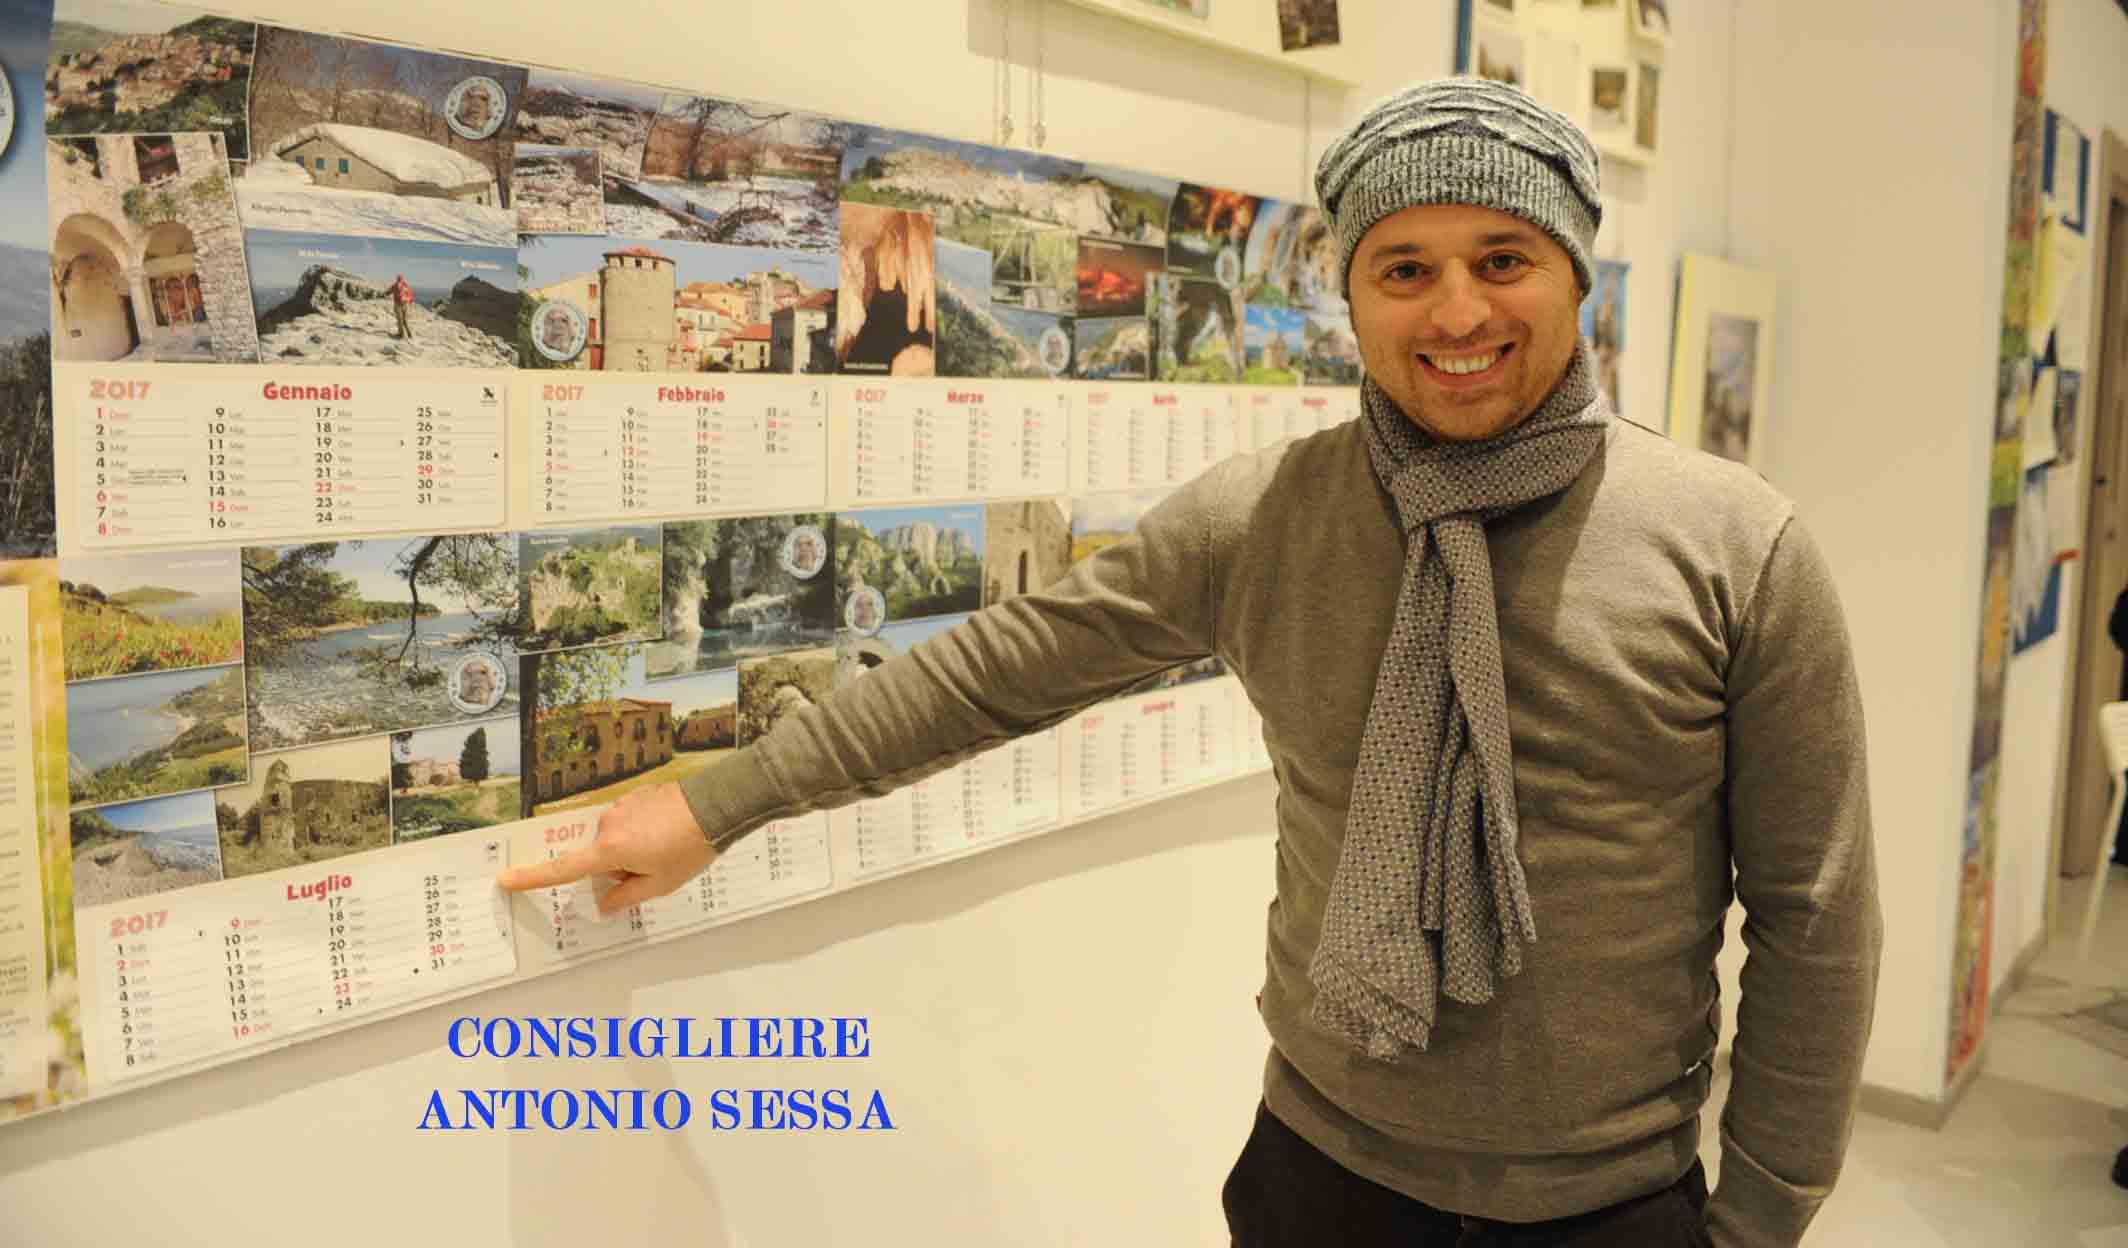 Consigliere Antonio Sessa